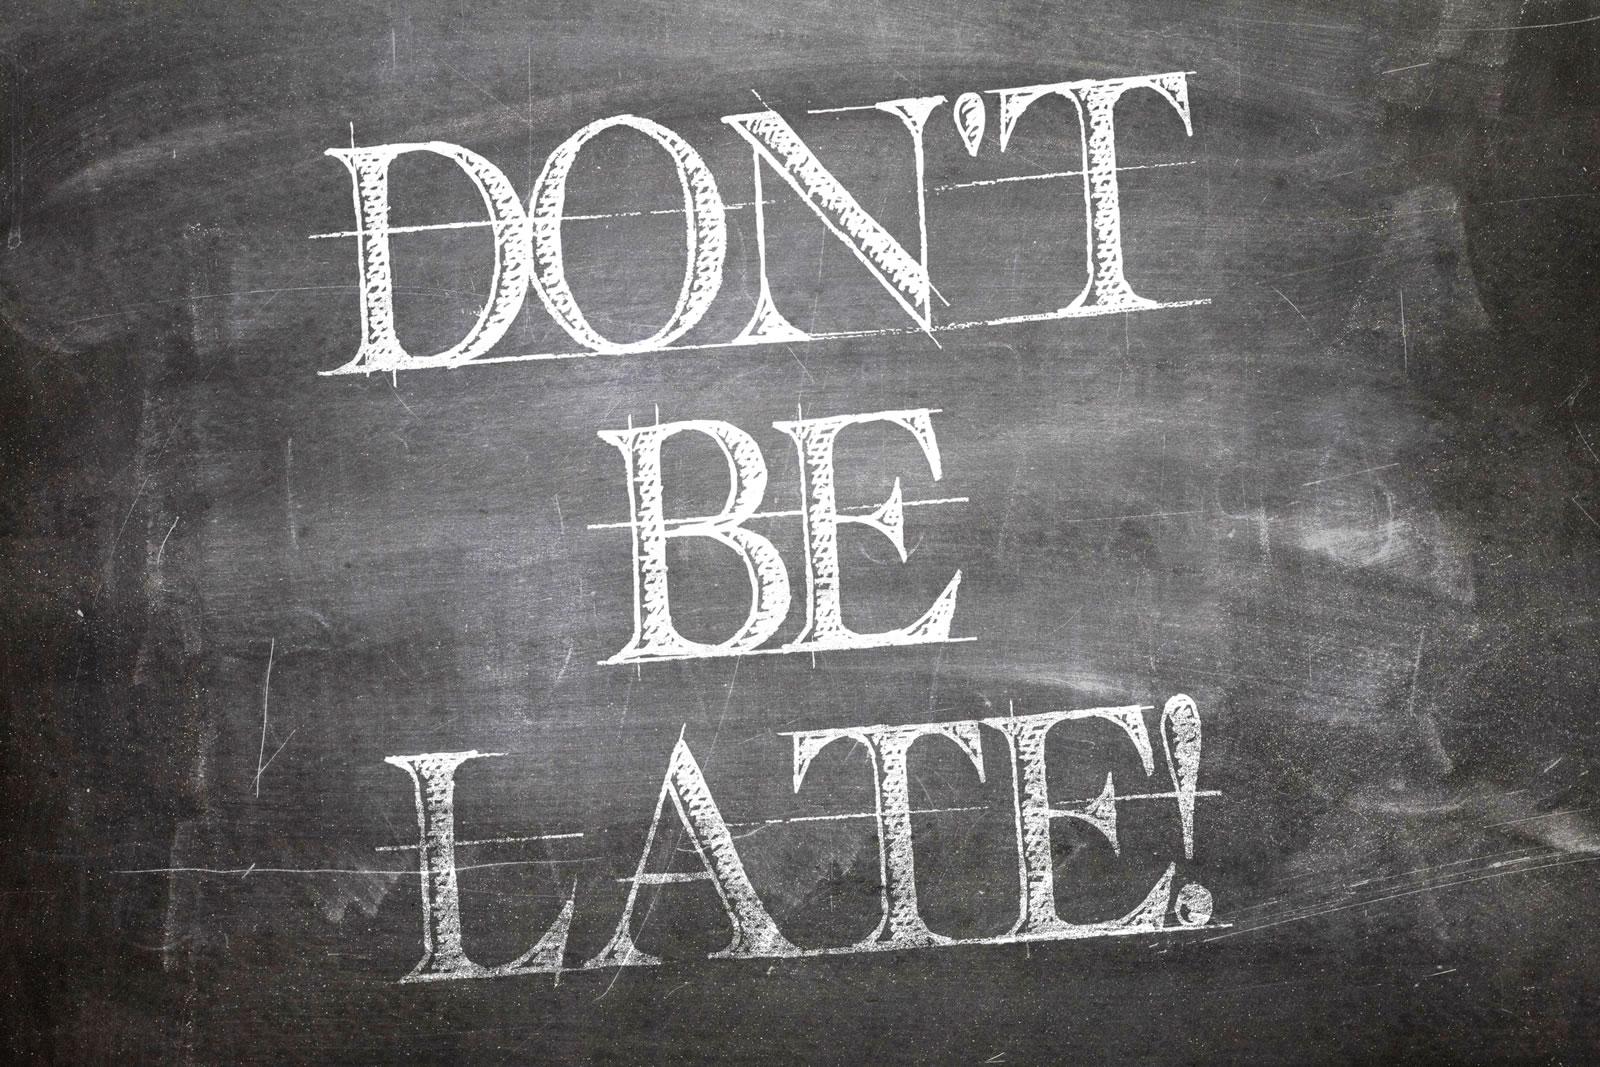 Habitual lateness